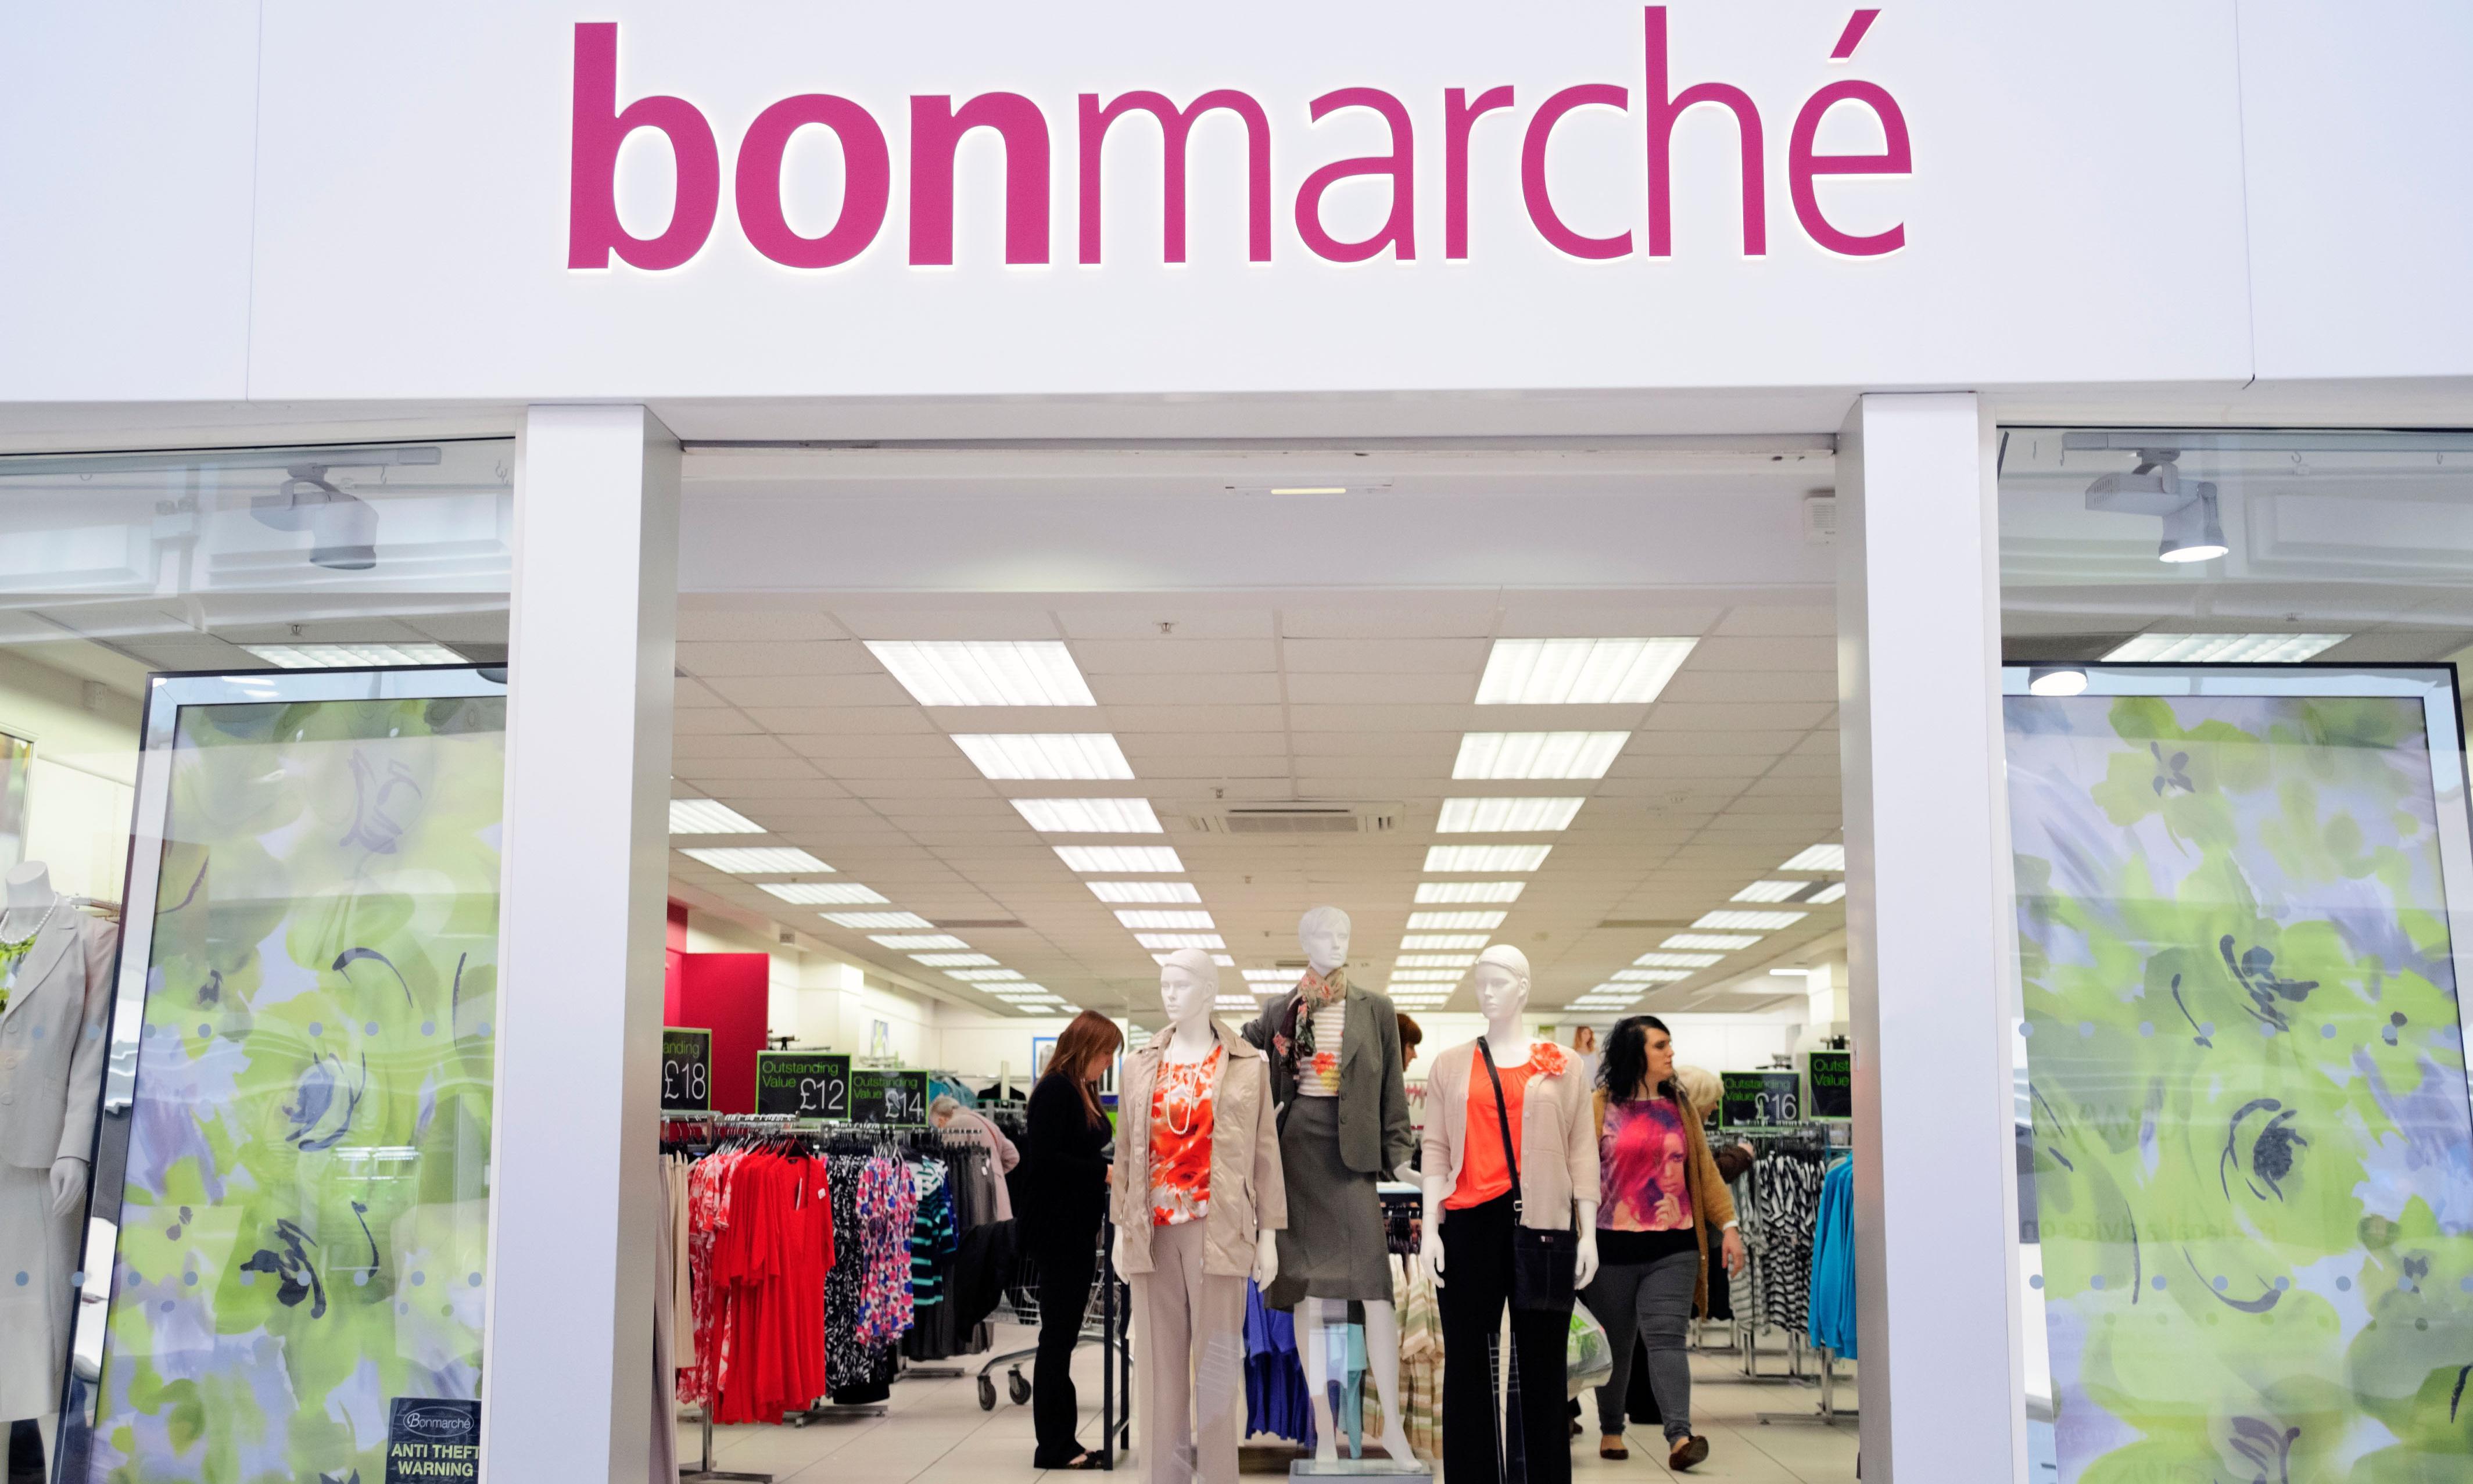 Fashion chain Bonmarché calls in administrators